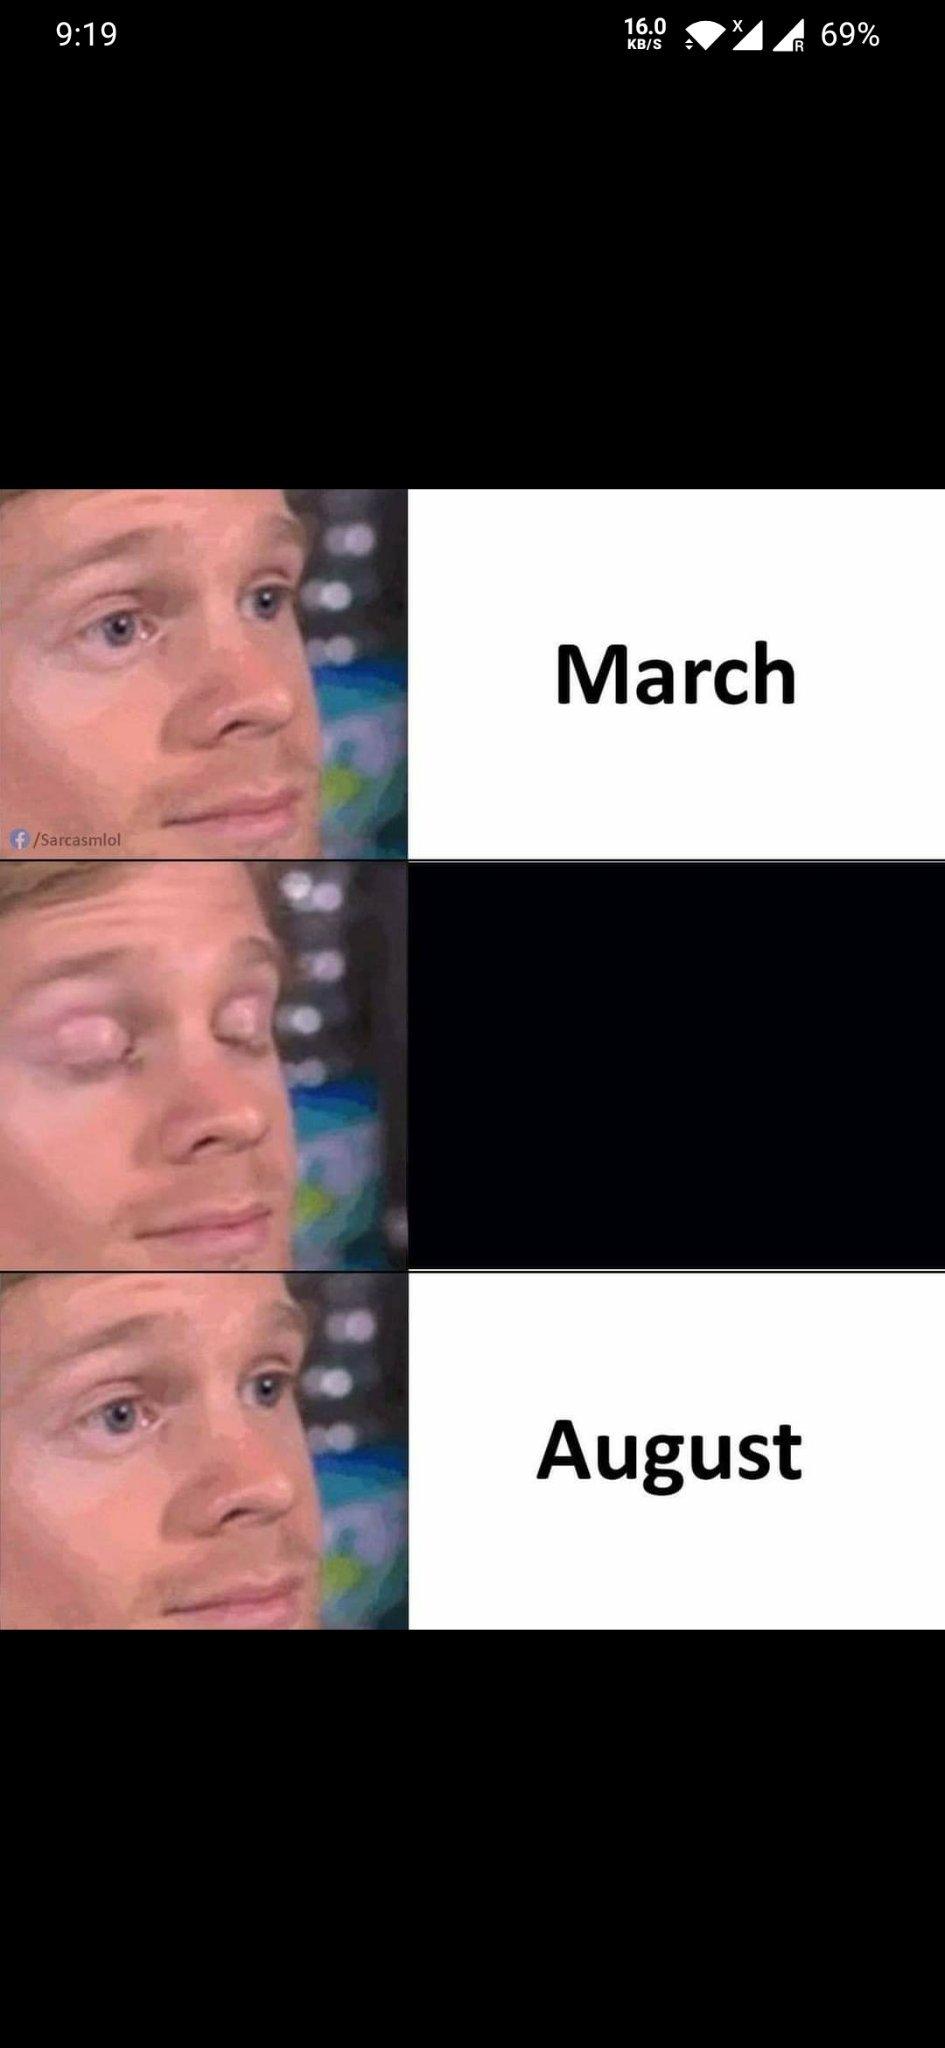 Alpha beta Gamma - meme